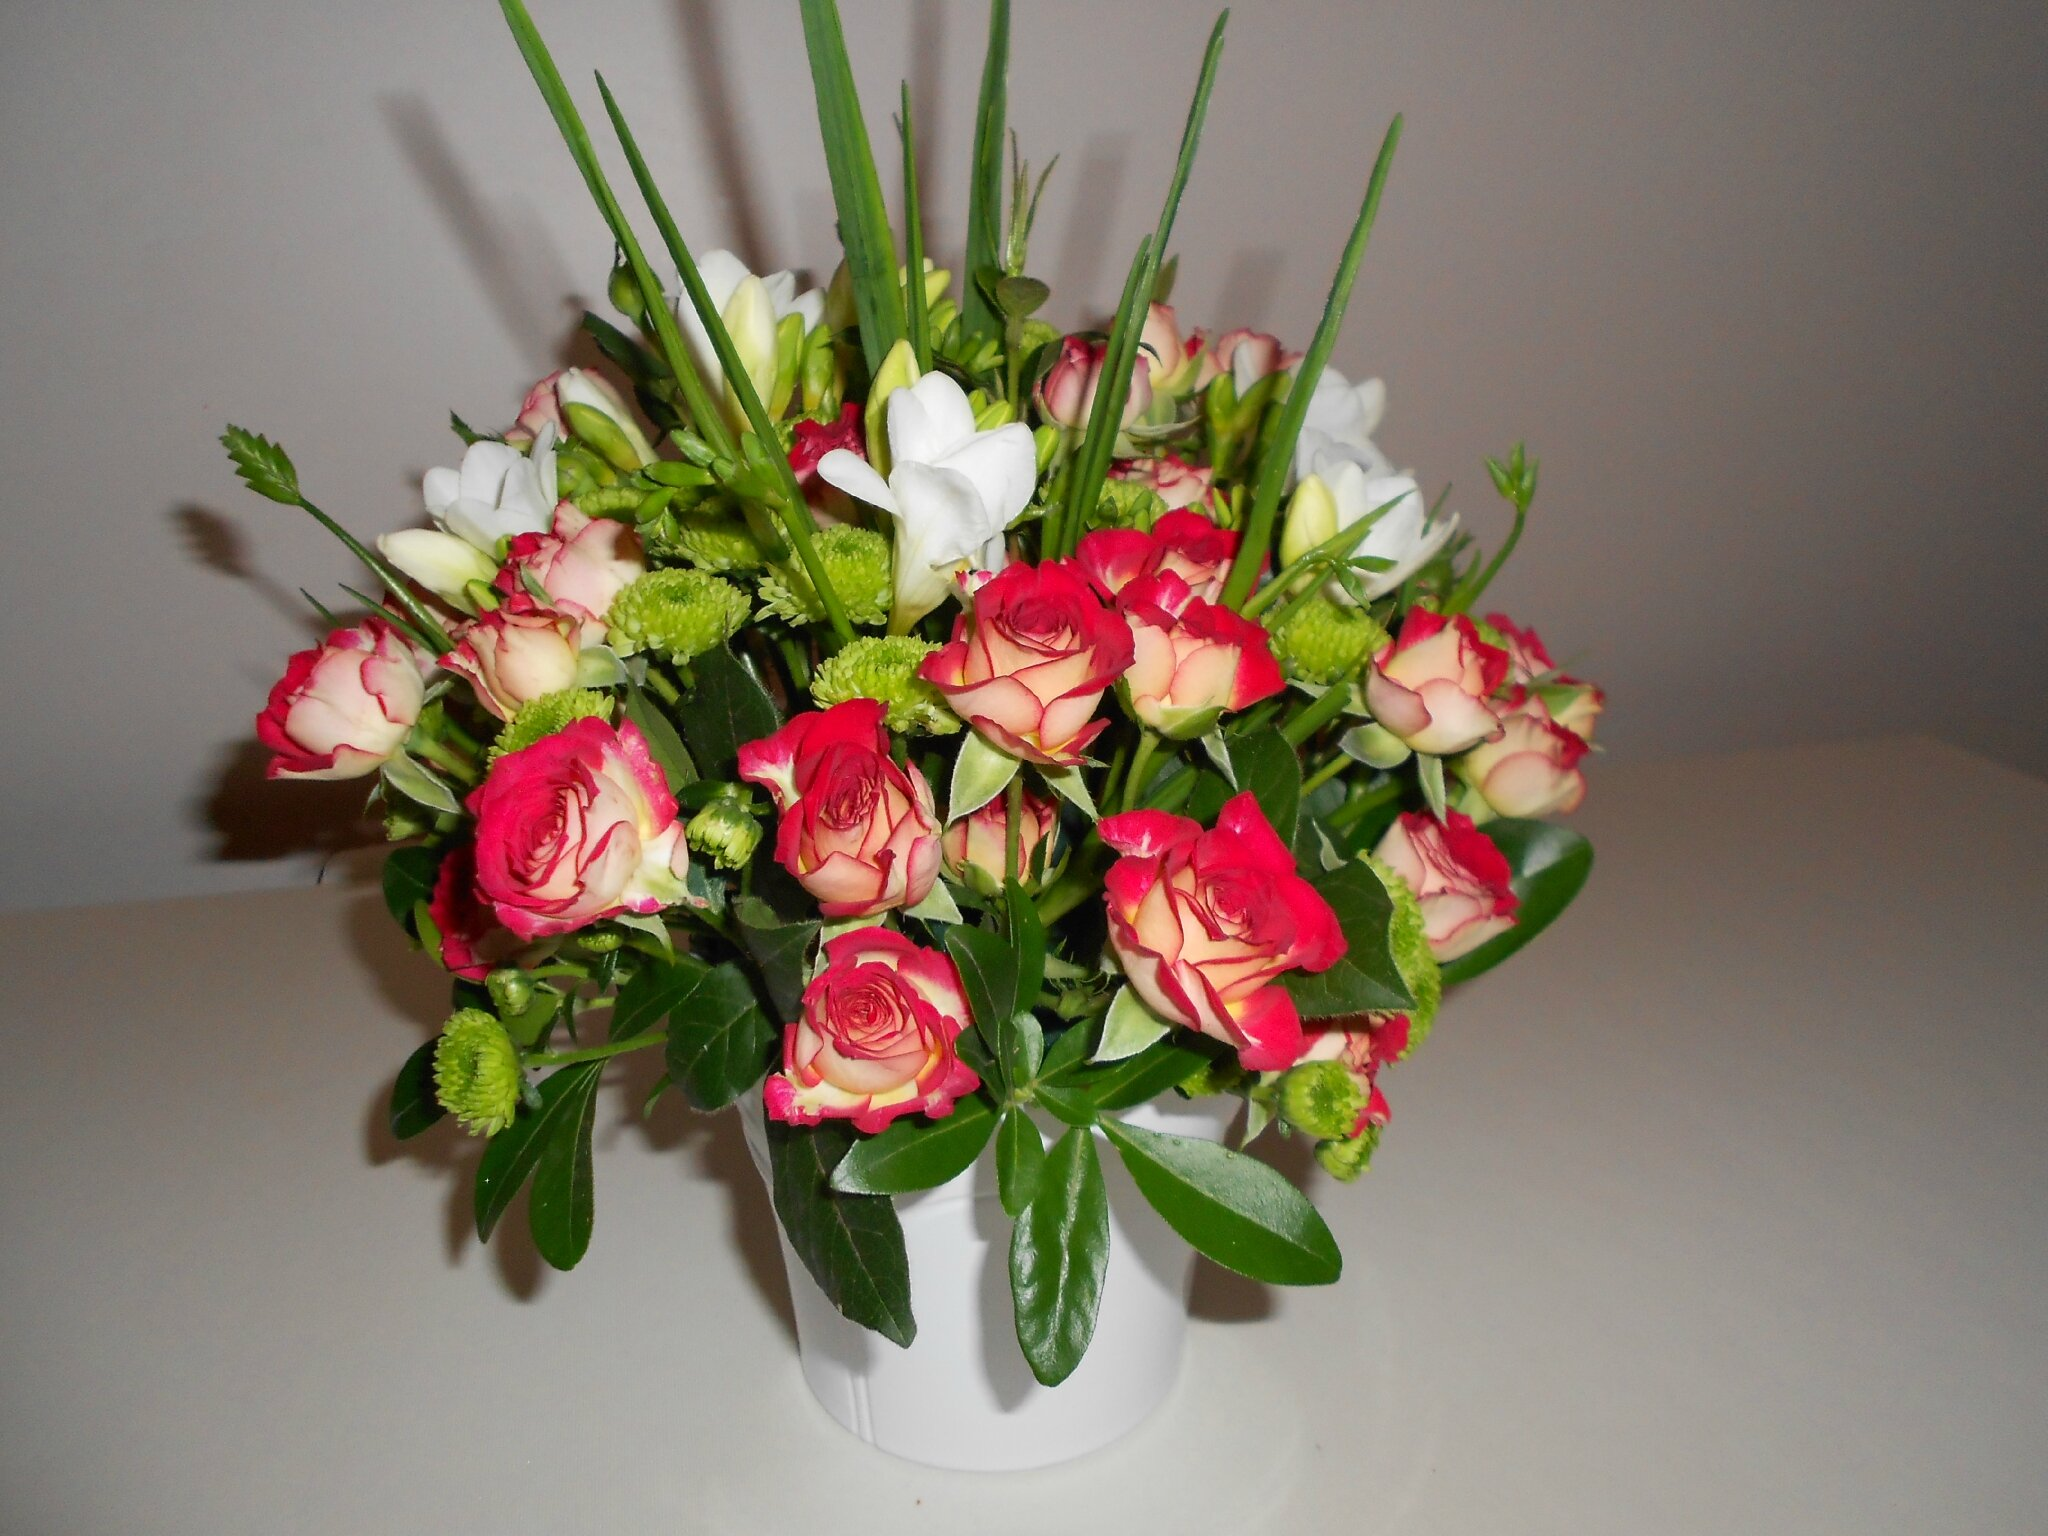 Bouquet vert blanc rouge - compositions florales, passion fleurs